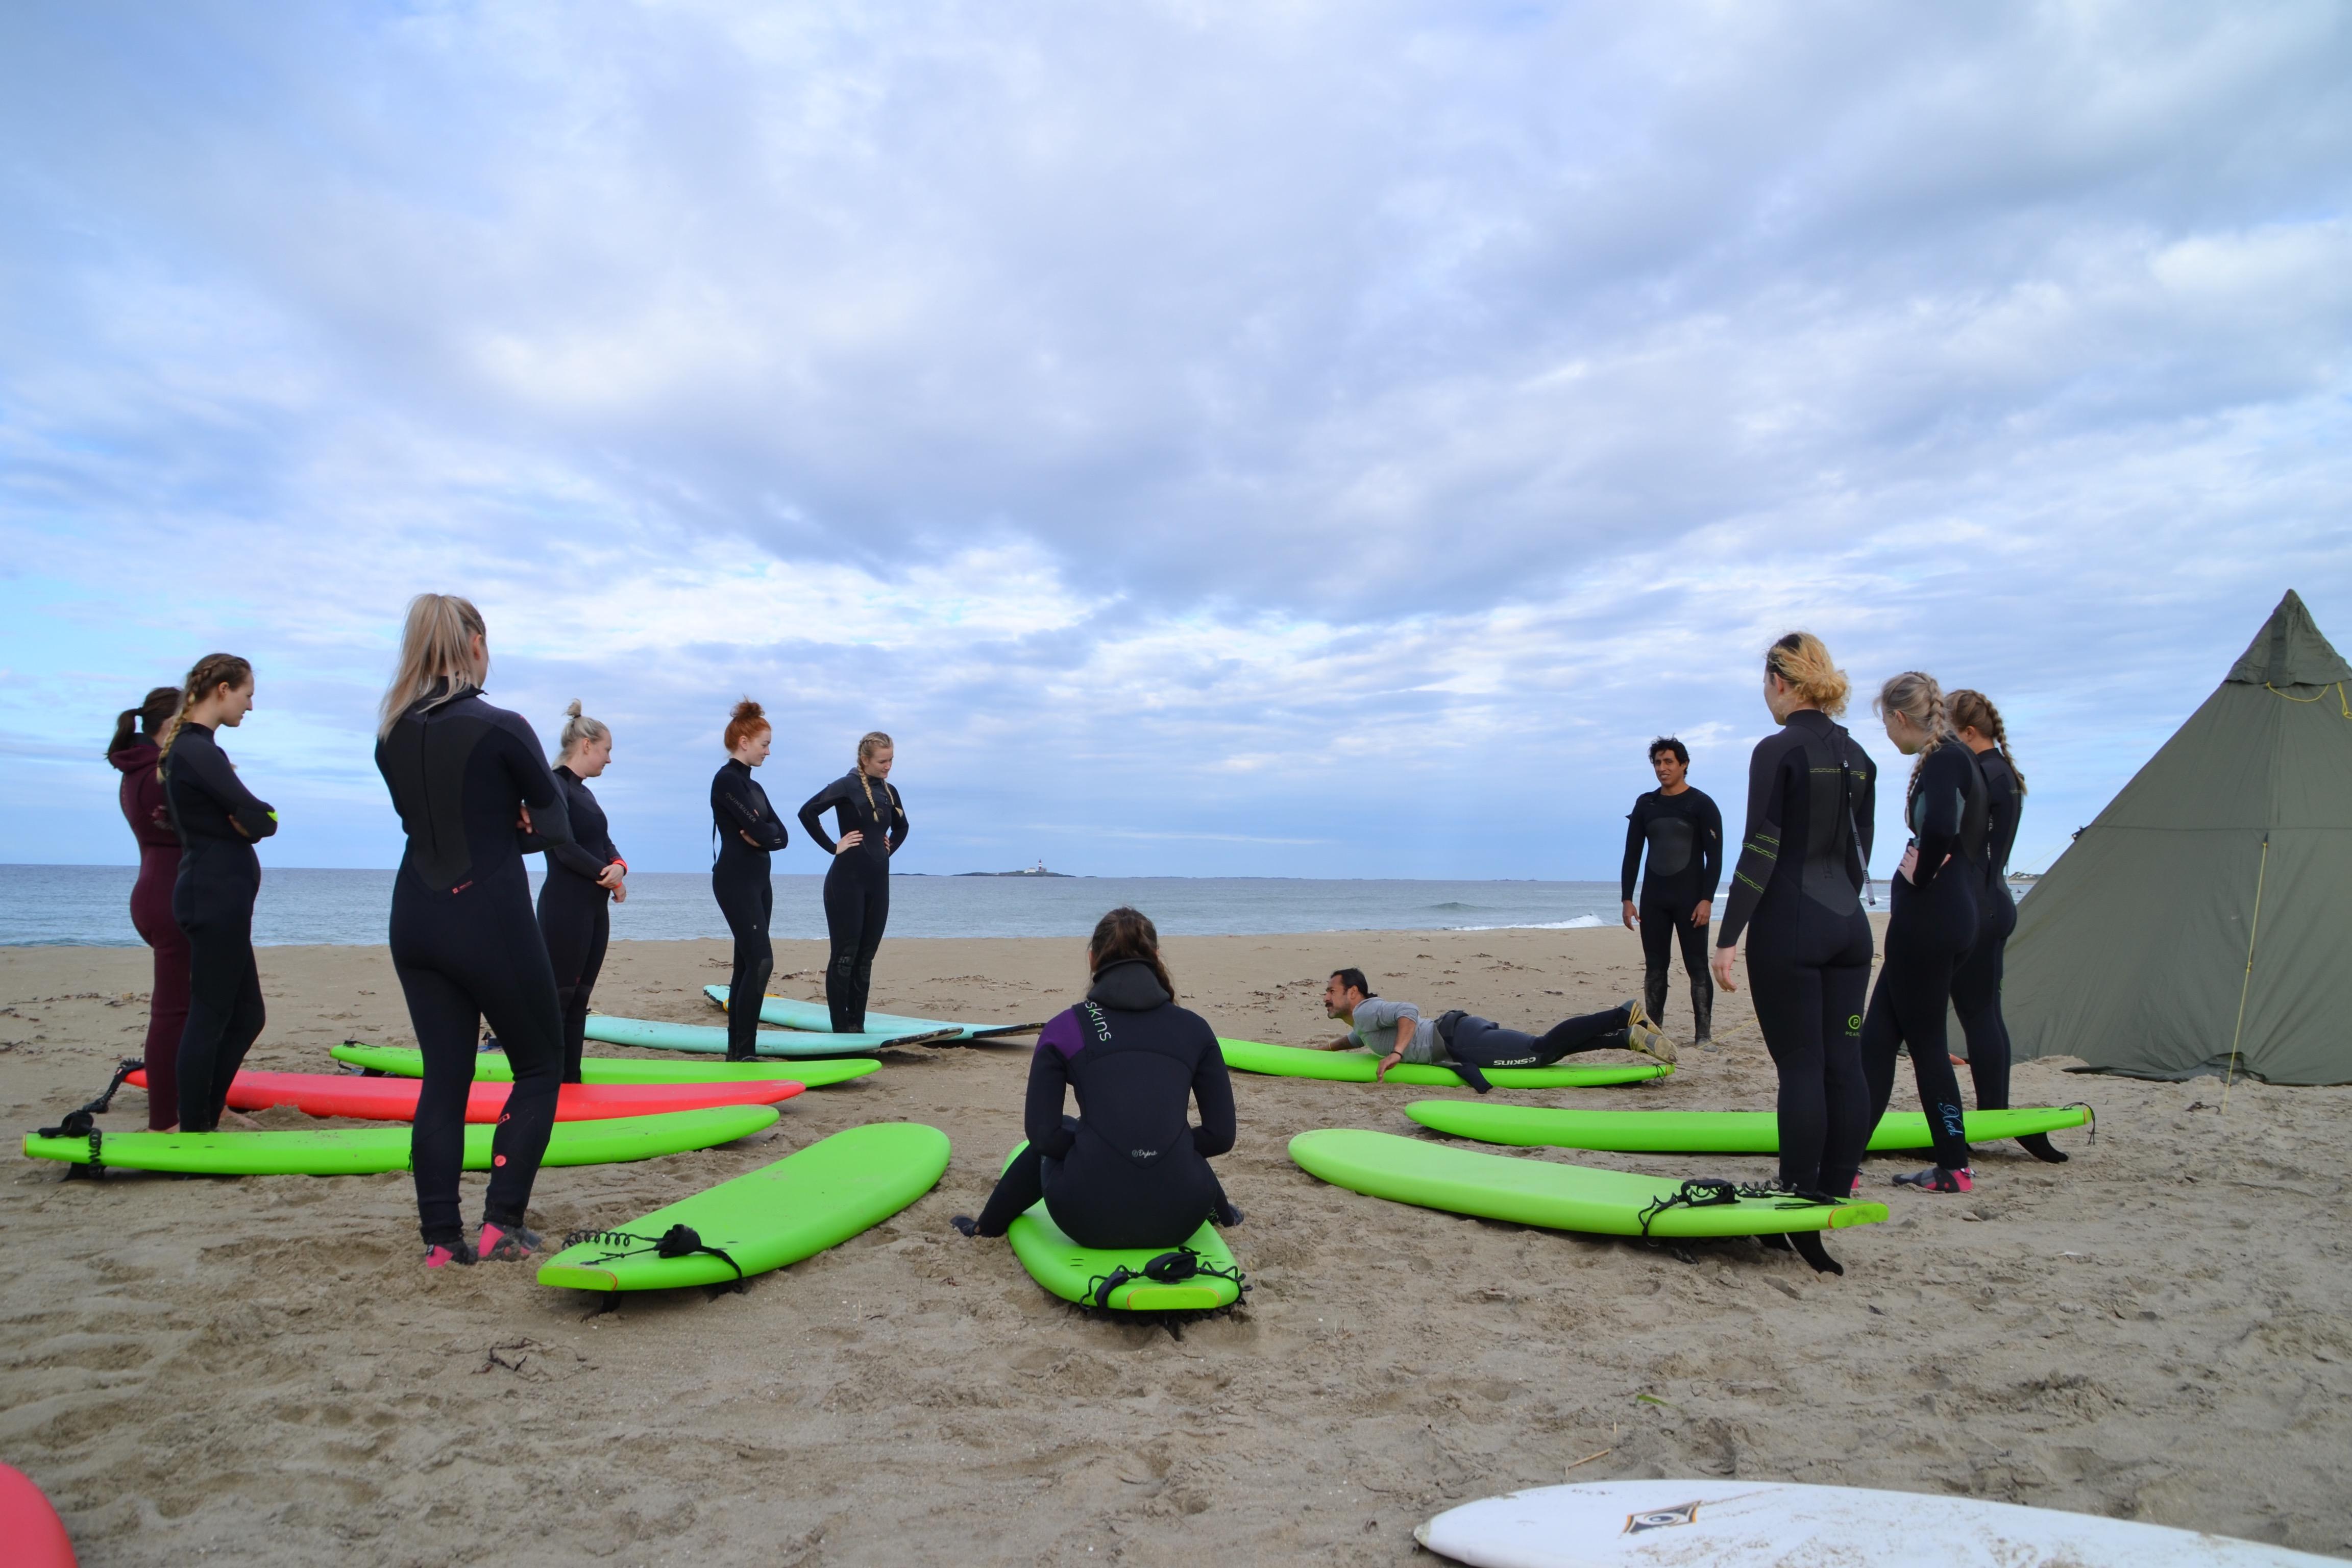 Surfing w/ SYK